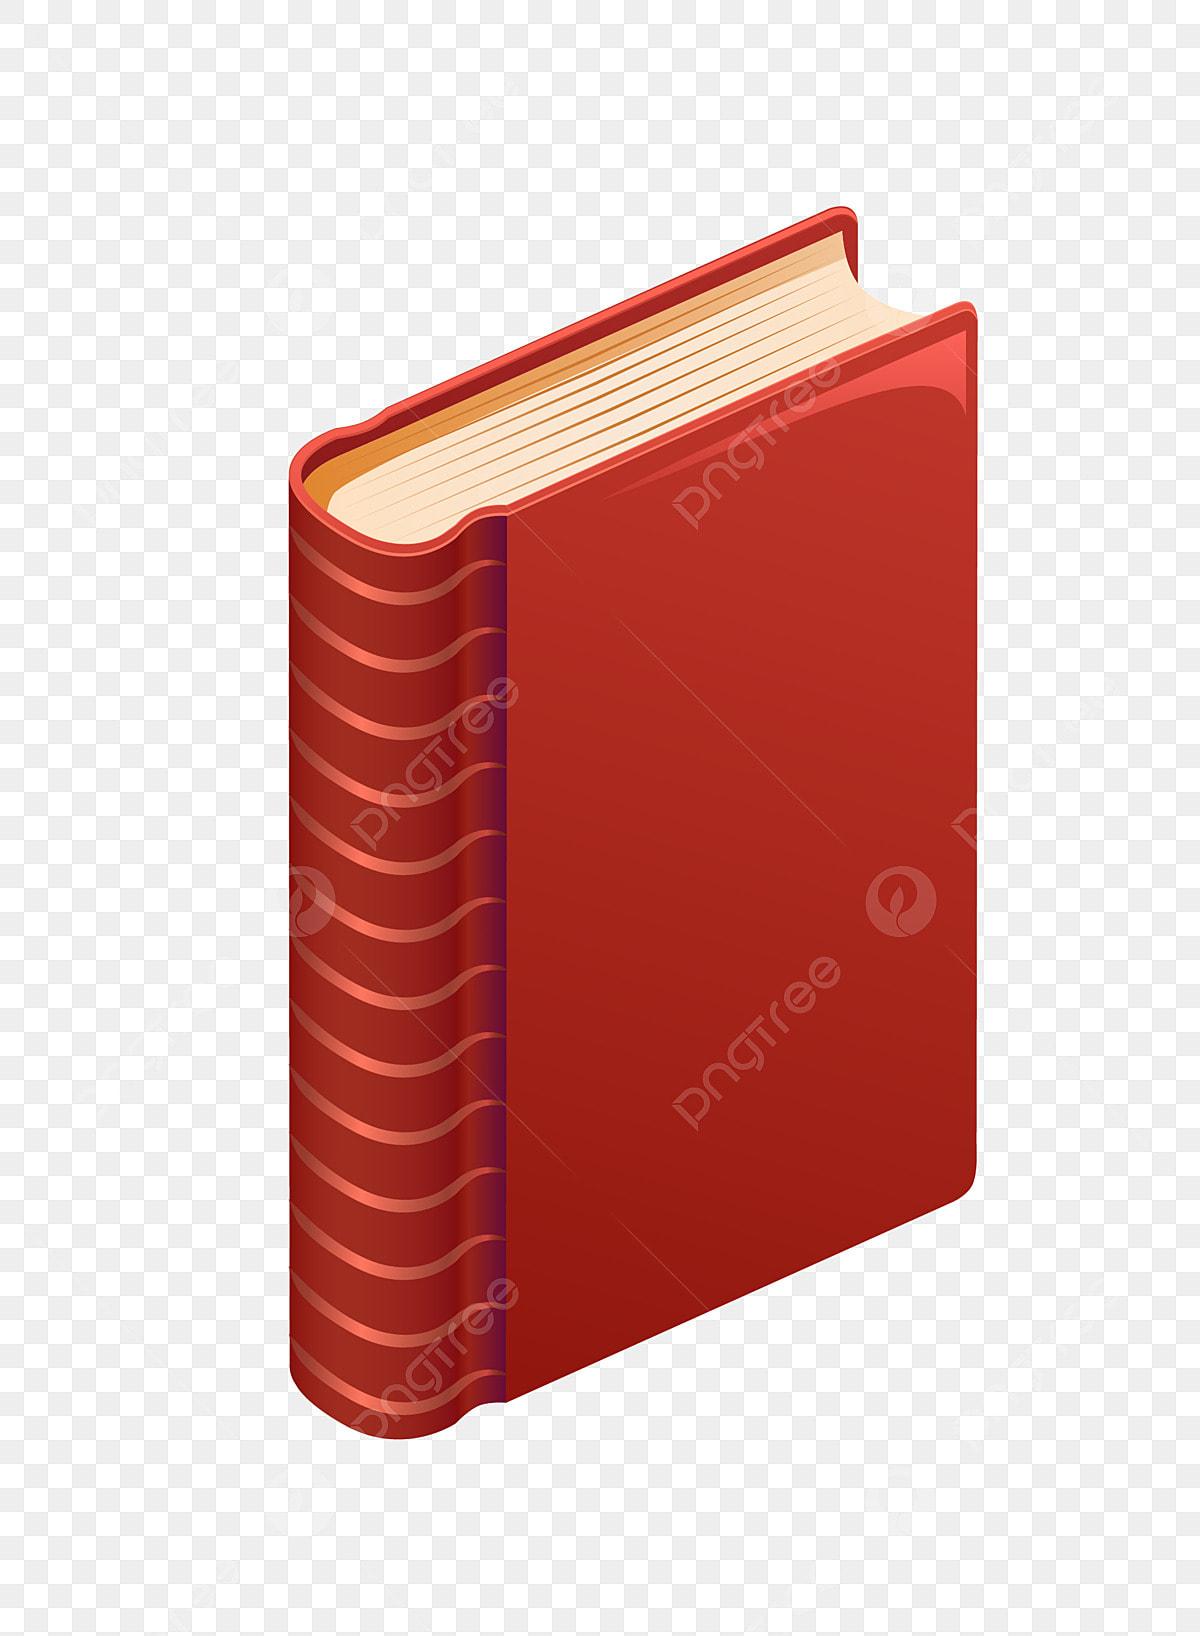 Couverture Du Livre Rouge Illustration De Dessin Anime